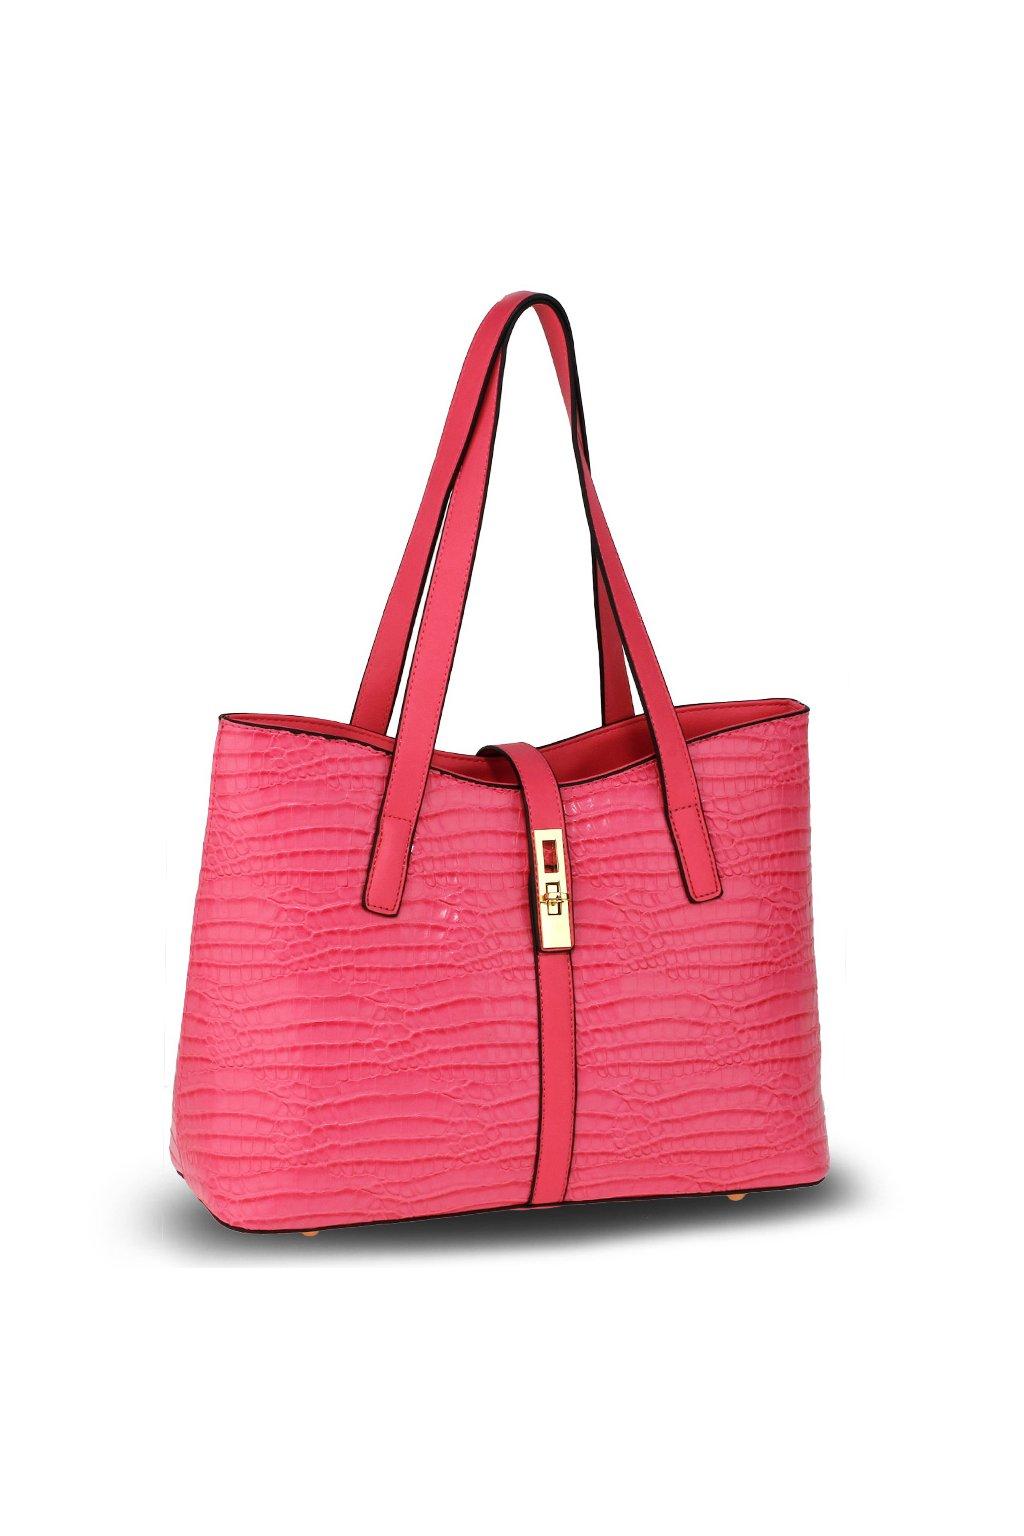 Ružová kabelka do ruky Siena AG00710